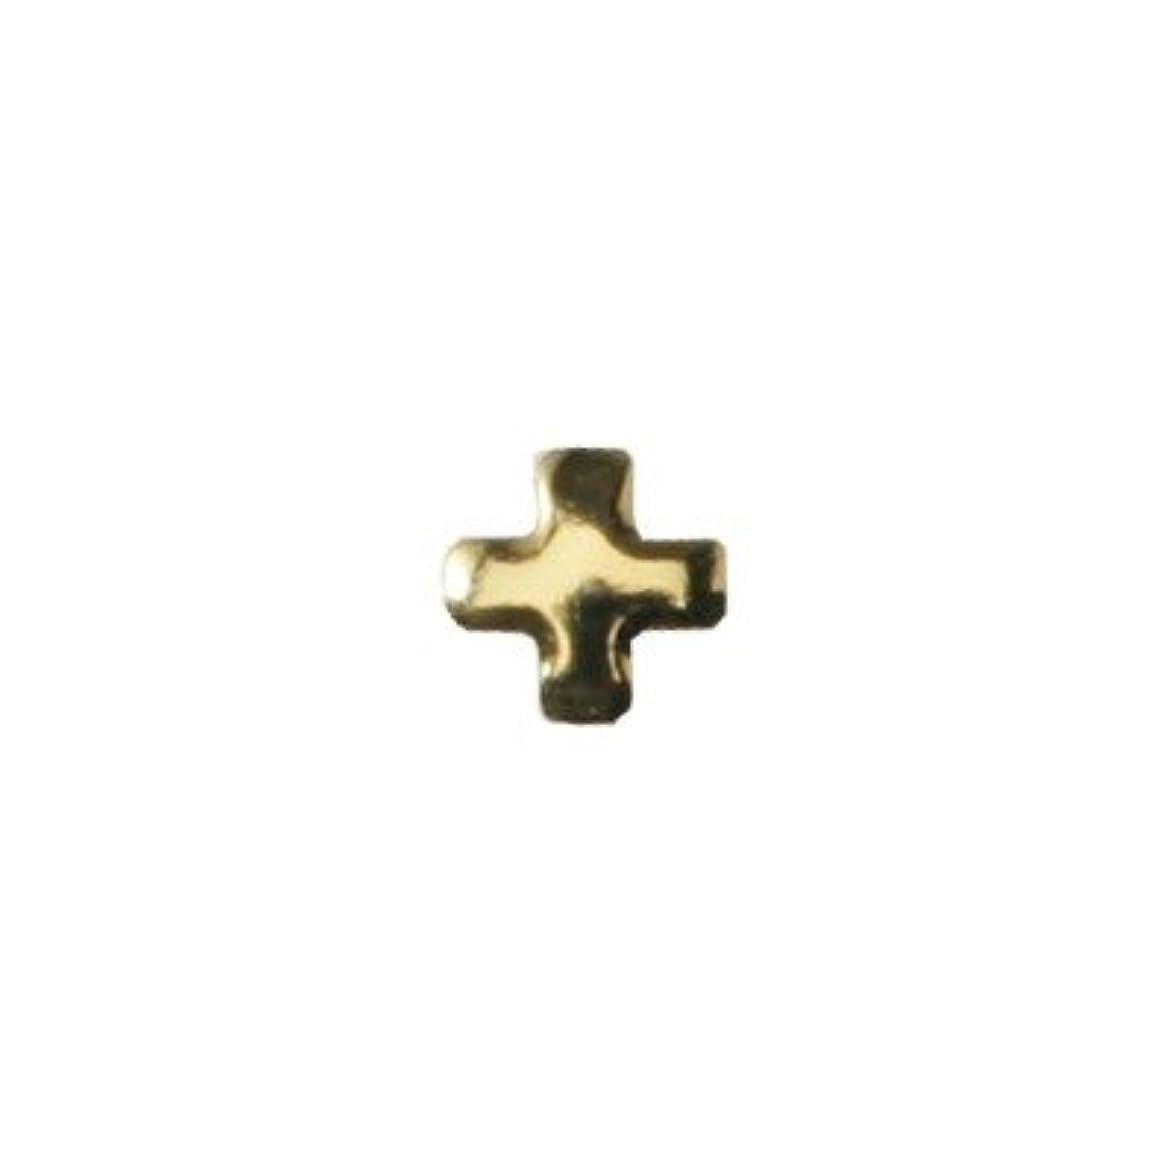 奇妙な洪水検索エンジンマーケティングピアドラ スタッズ クロスレット 3mm 50P ゴールド